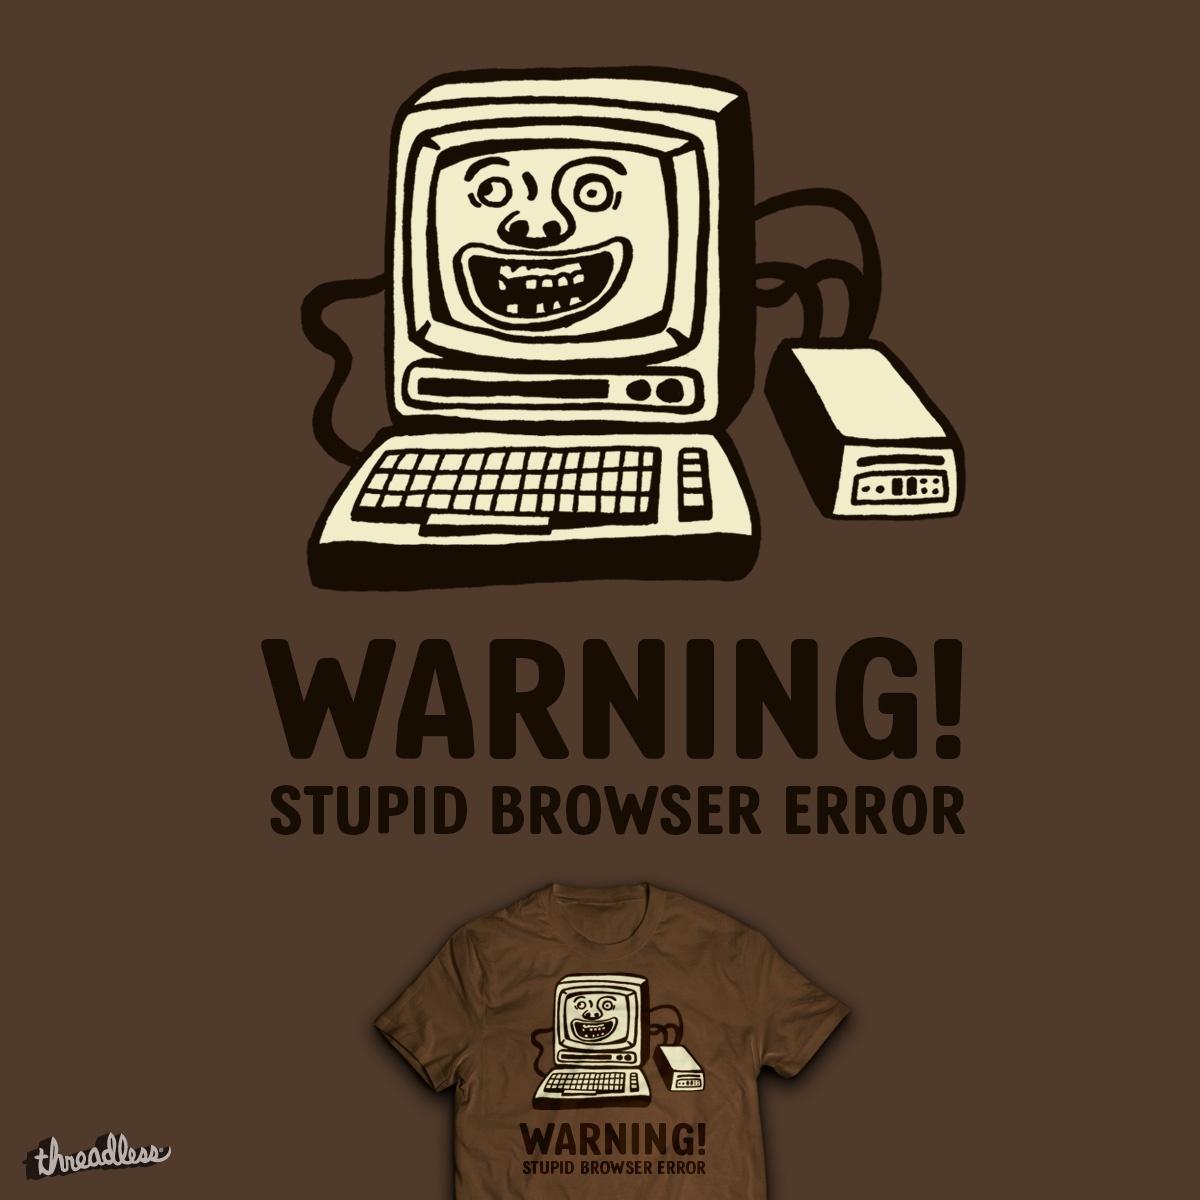 Stupid browser error by Hipopotam on Threadless